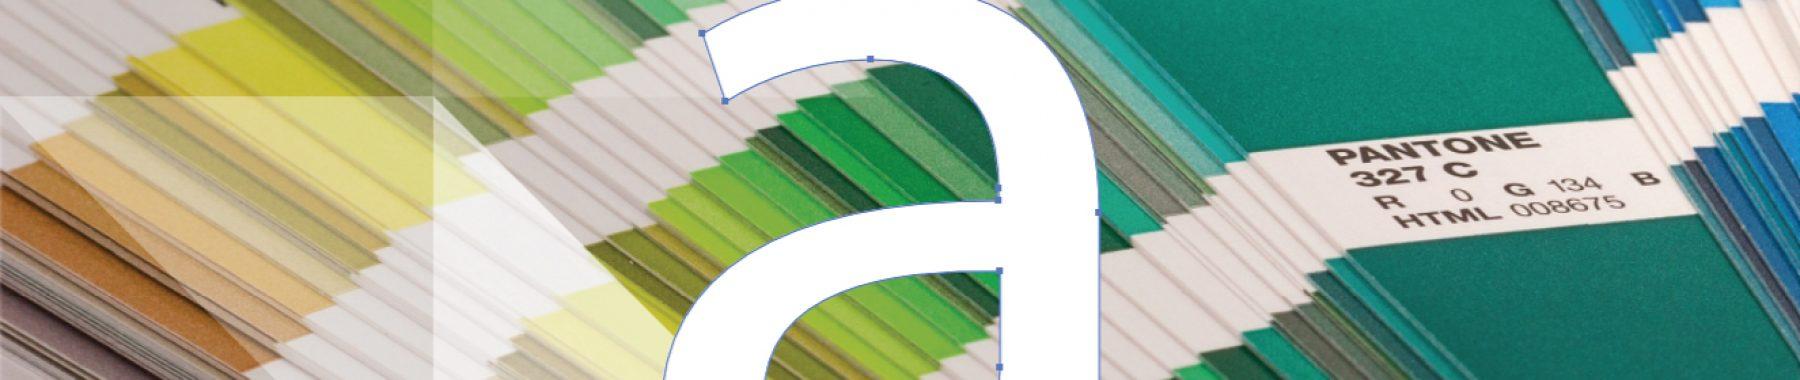 Création des fichiers print : les règles à respecter